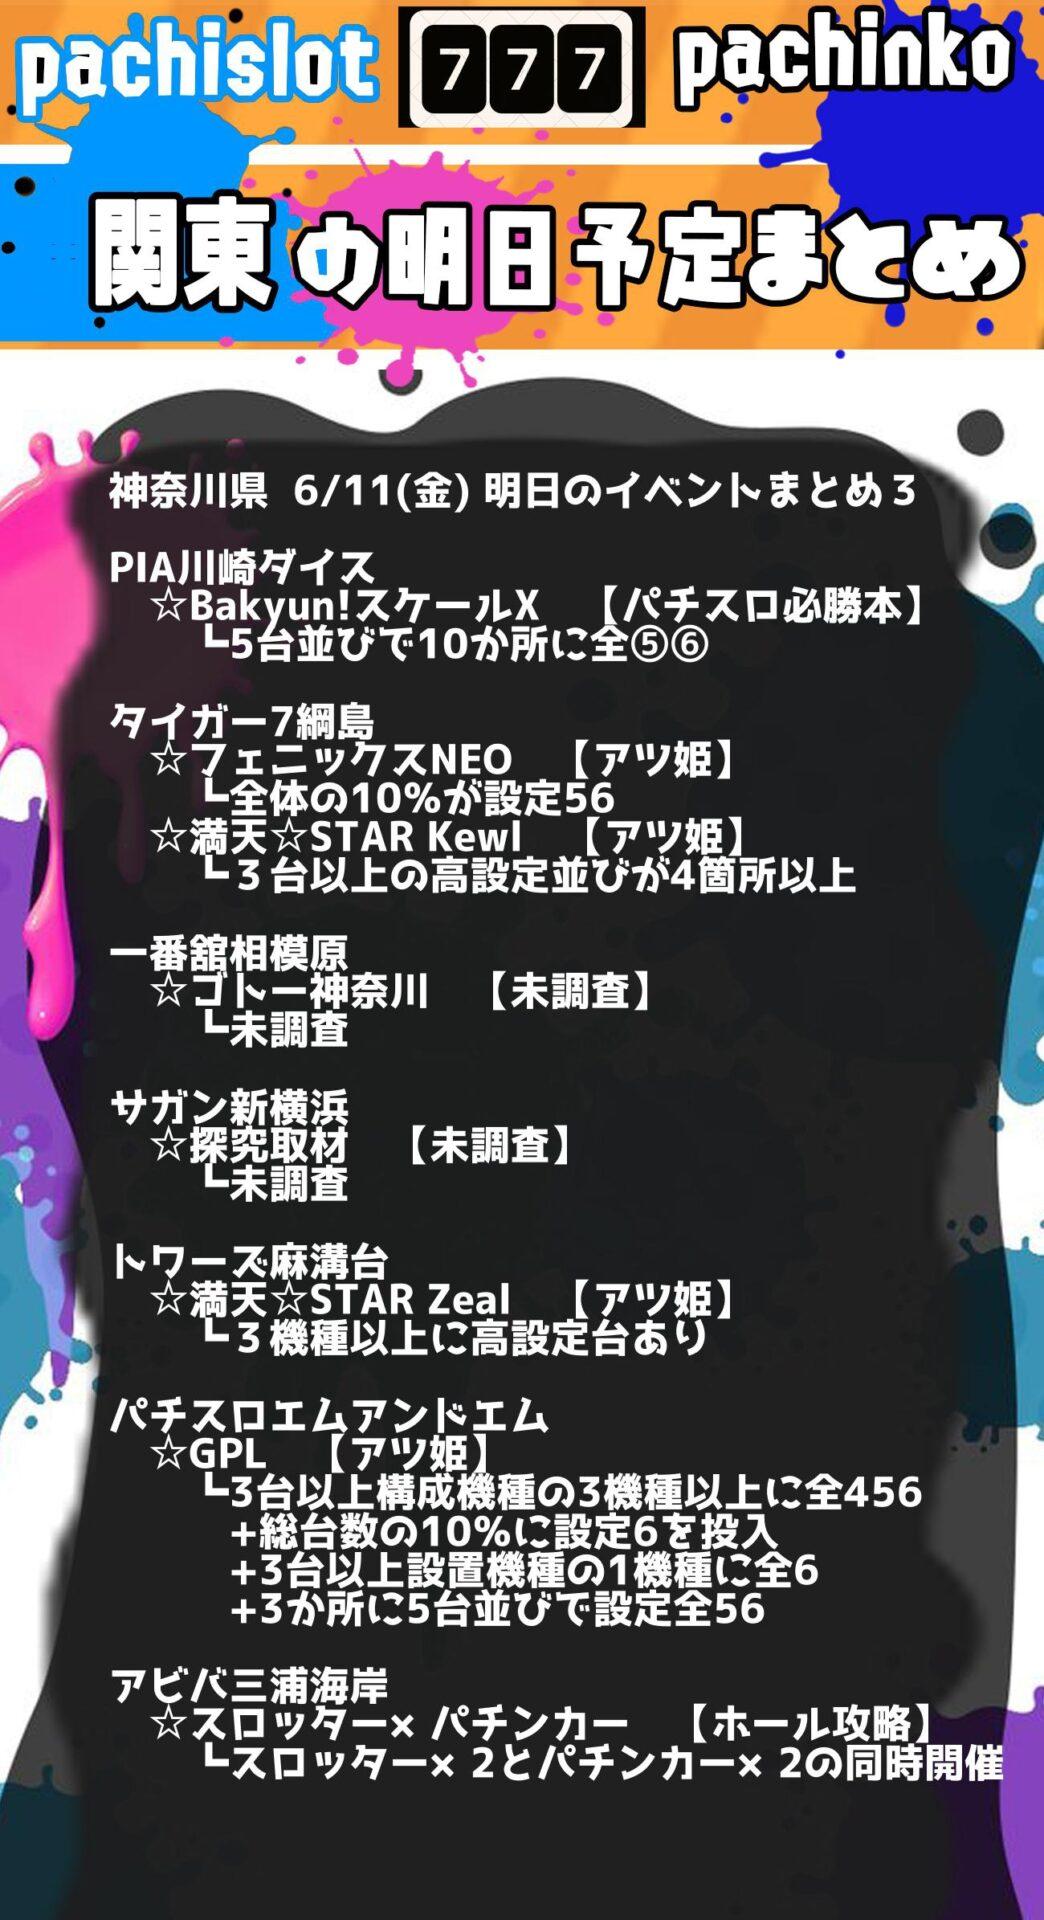 神奈川県_2021-06-11_パチンコ・パチスロ_イベント